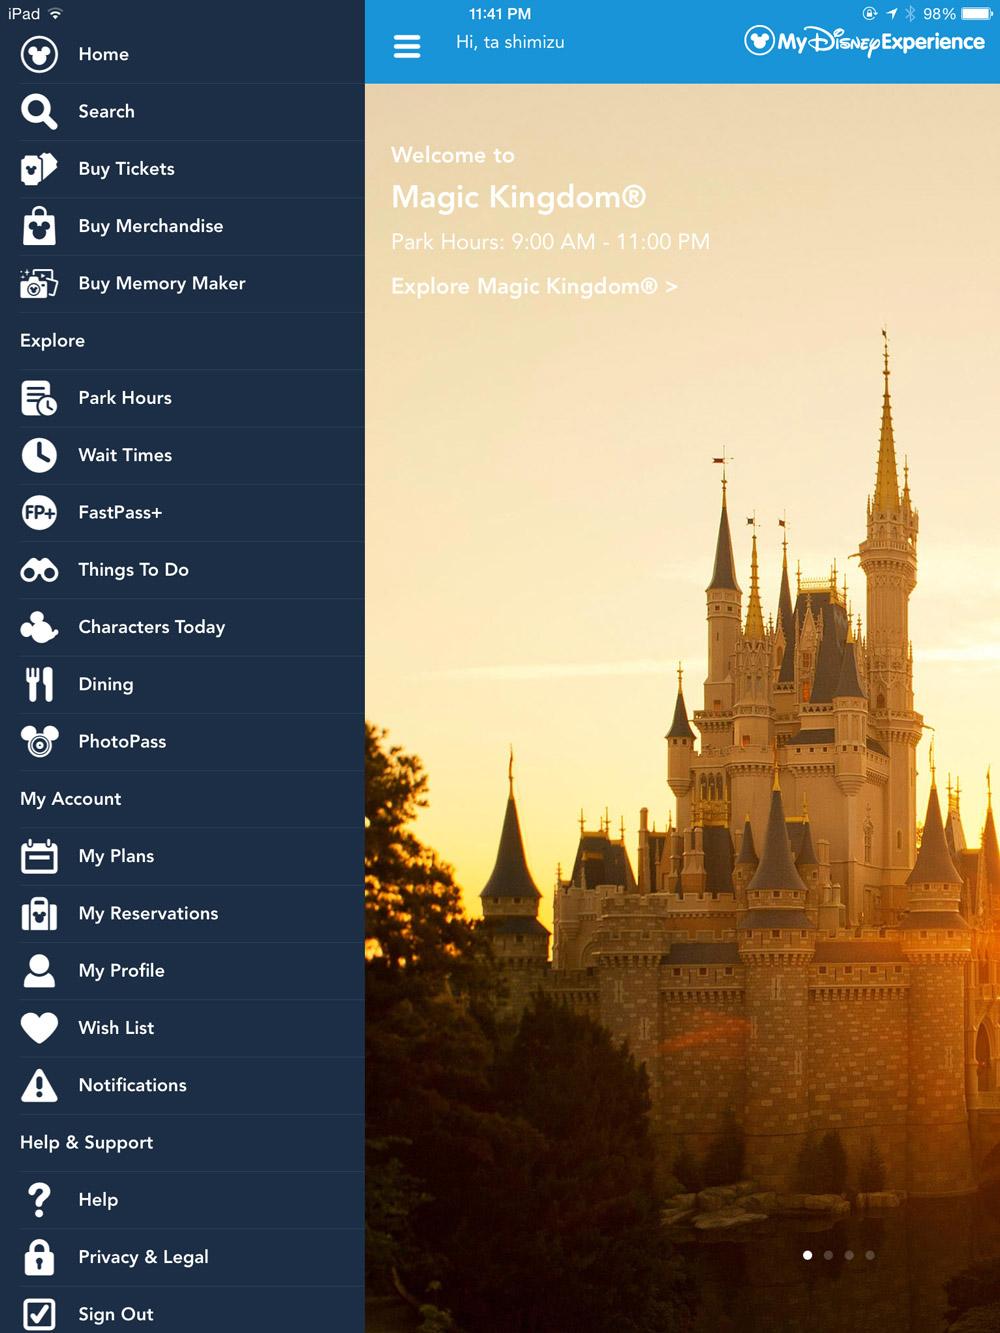 ディズニー公式アプリ初期画面